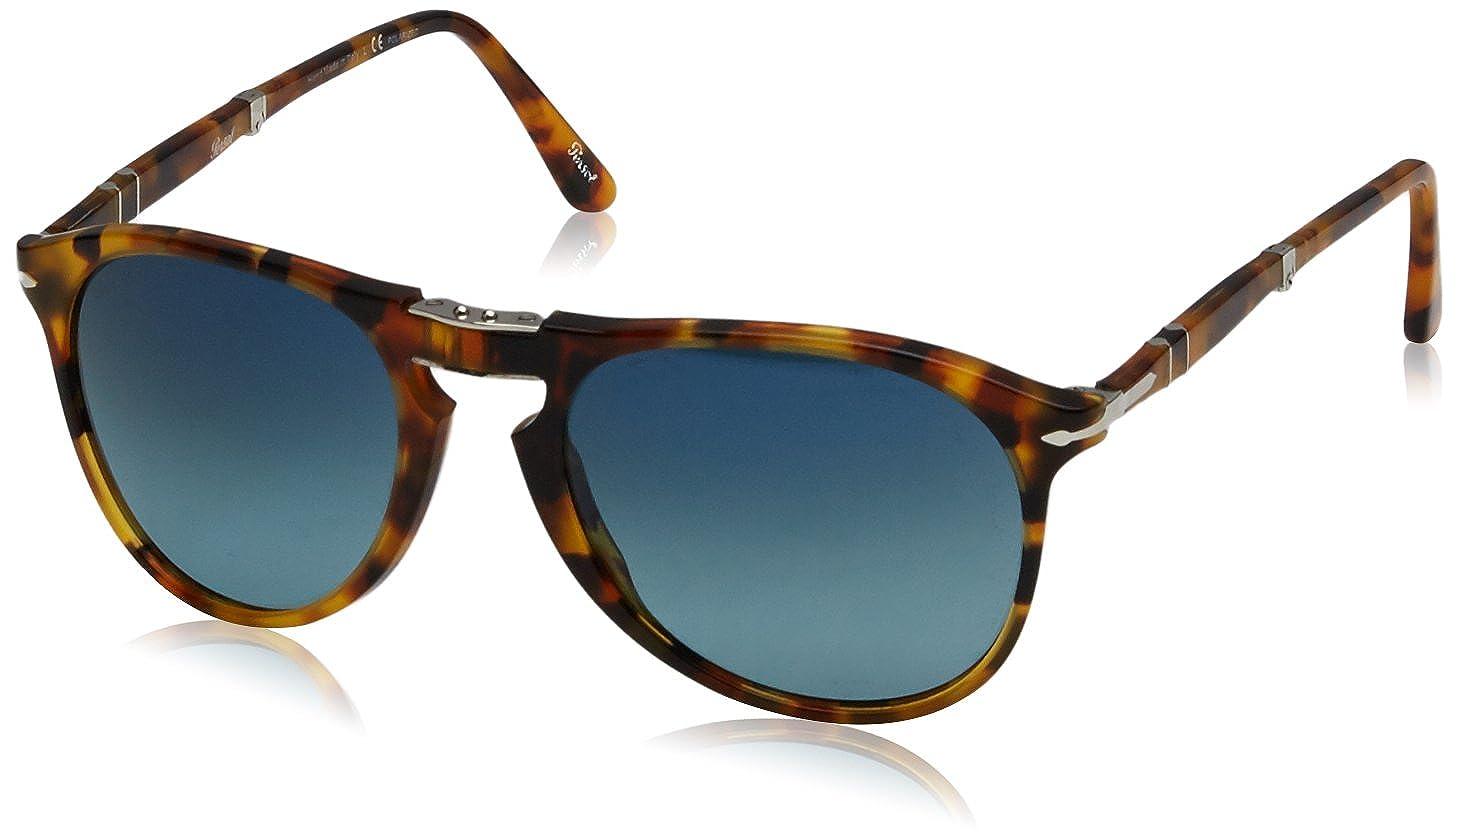 Amazon.com: Persol PO9714S - Gafas de sol para hombre ...